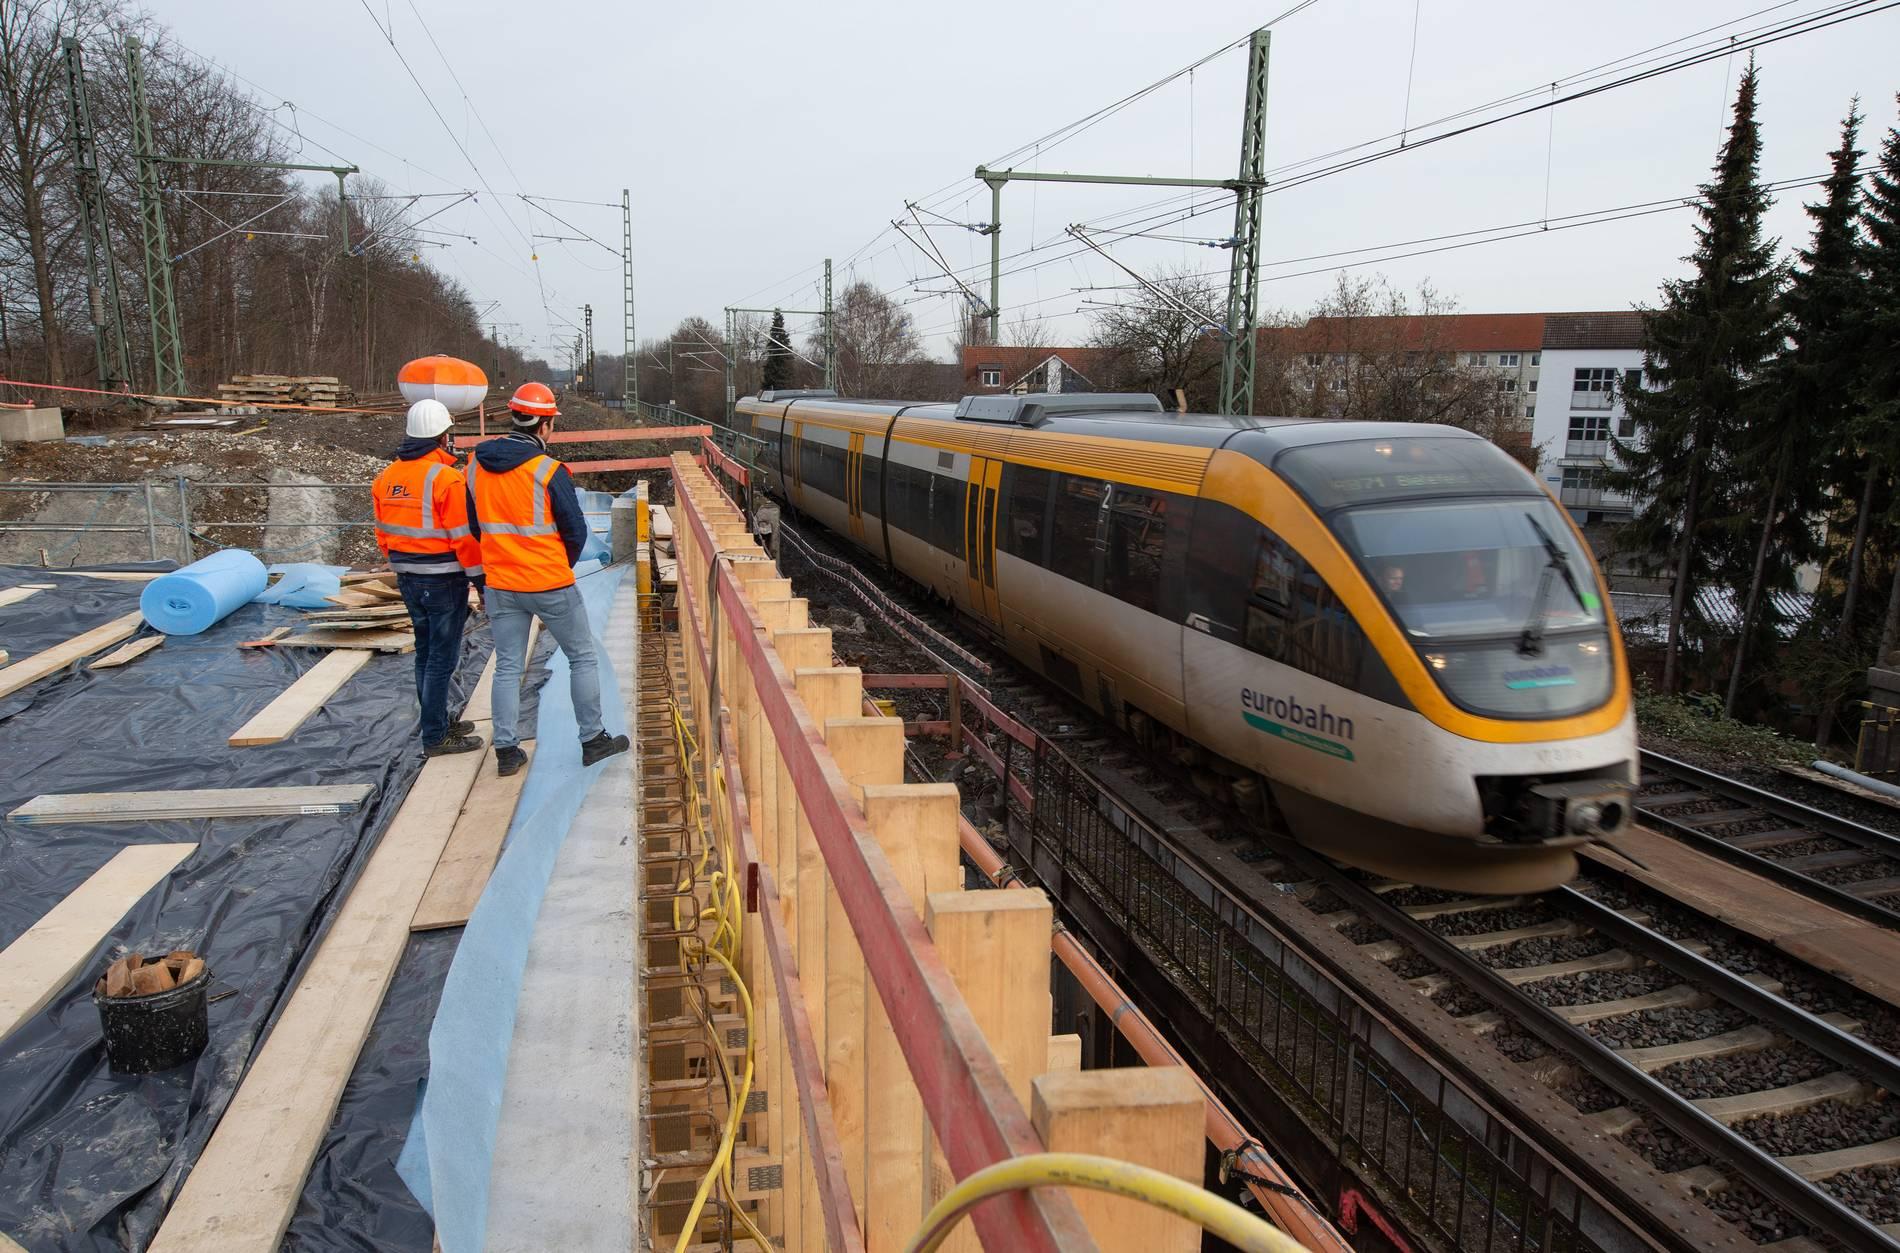 Warnstreik bei Eurobahn: Zugausfälle am Morgen